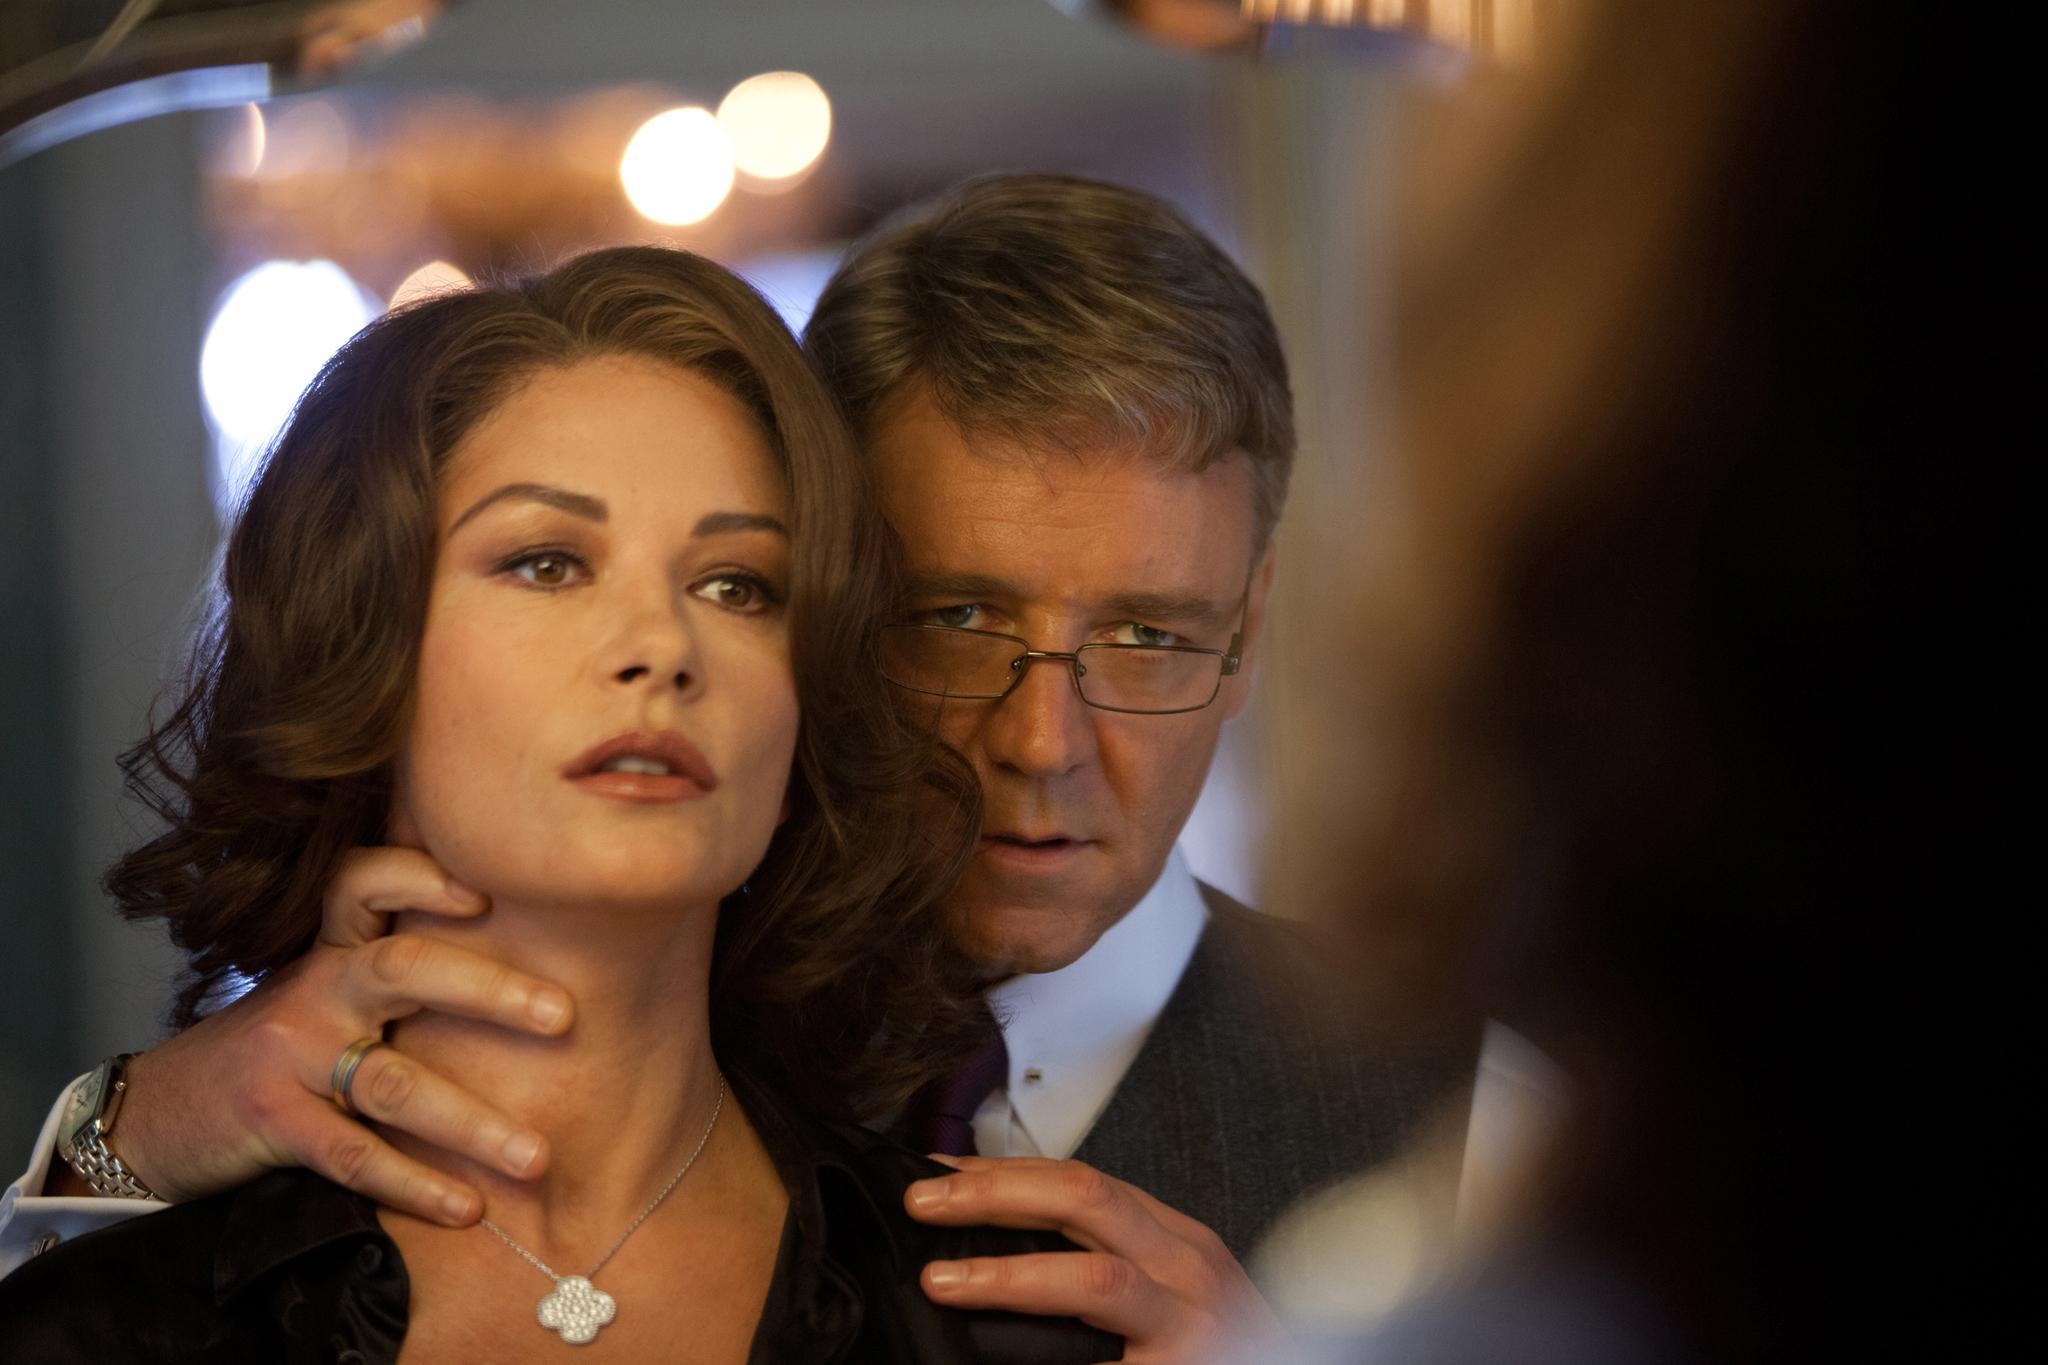 фильм жена изменяет мужу с телохранителем где купить массажер